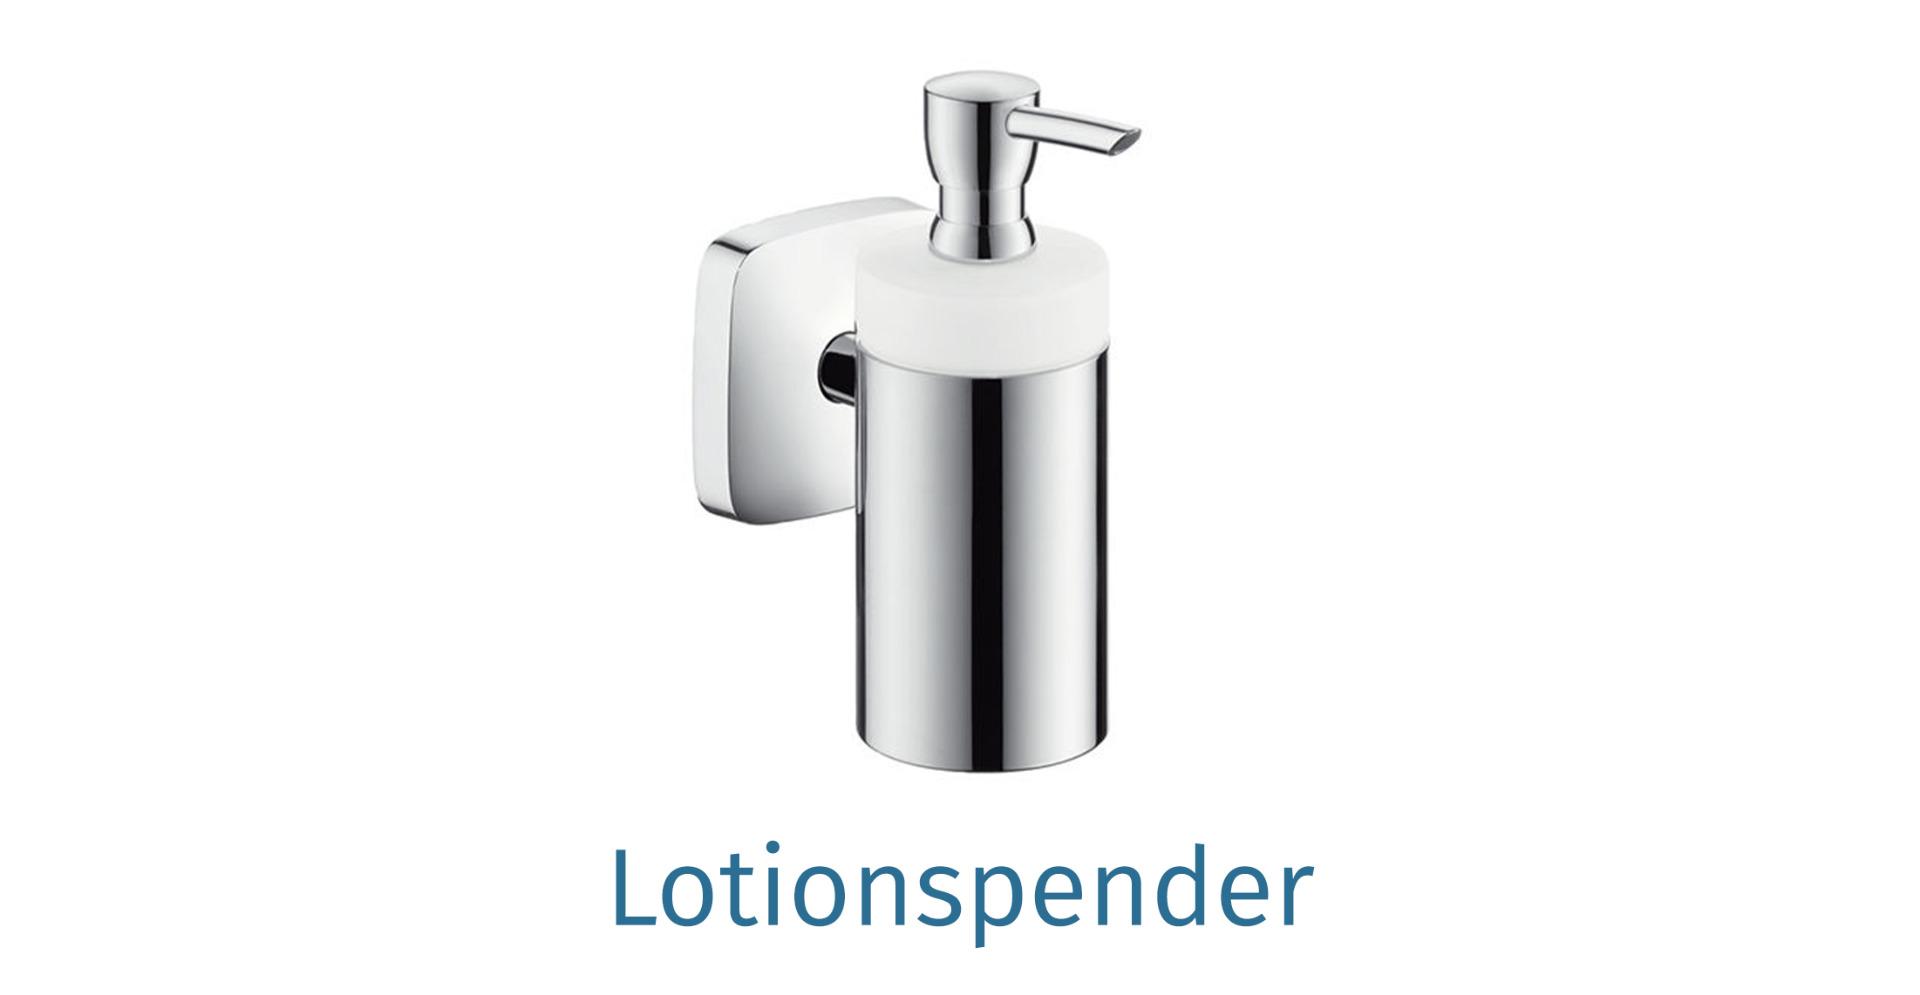 Lotionsspender